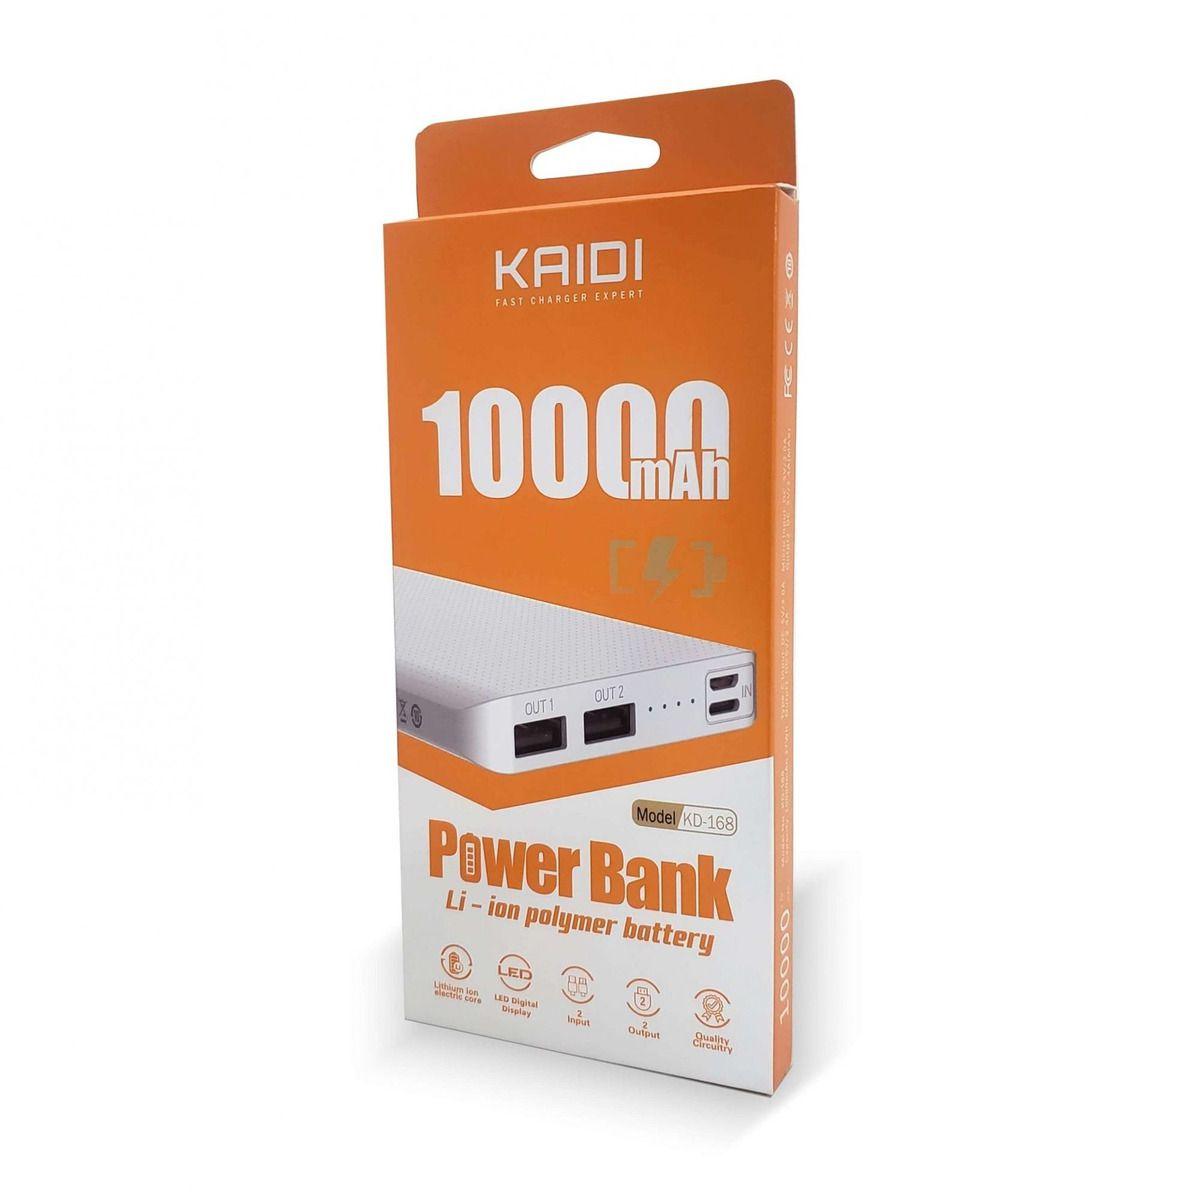 Power Bank Kaidi KD168 10.000 Mah entrada Tipo-C